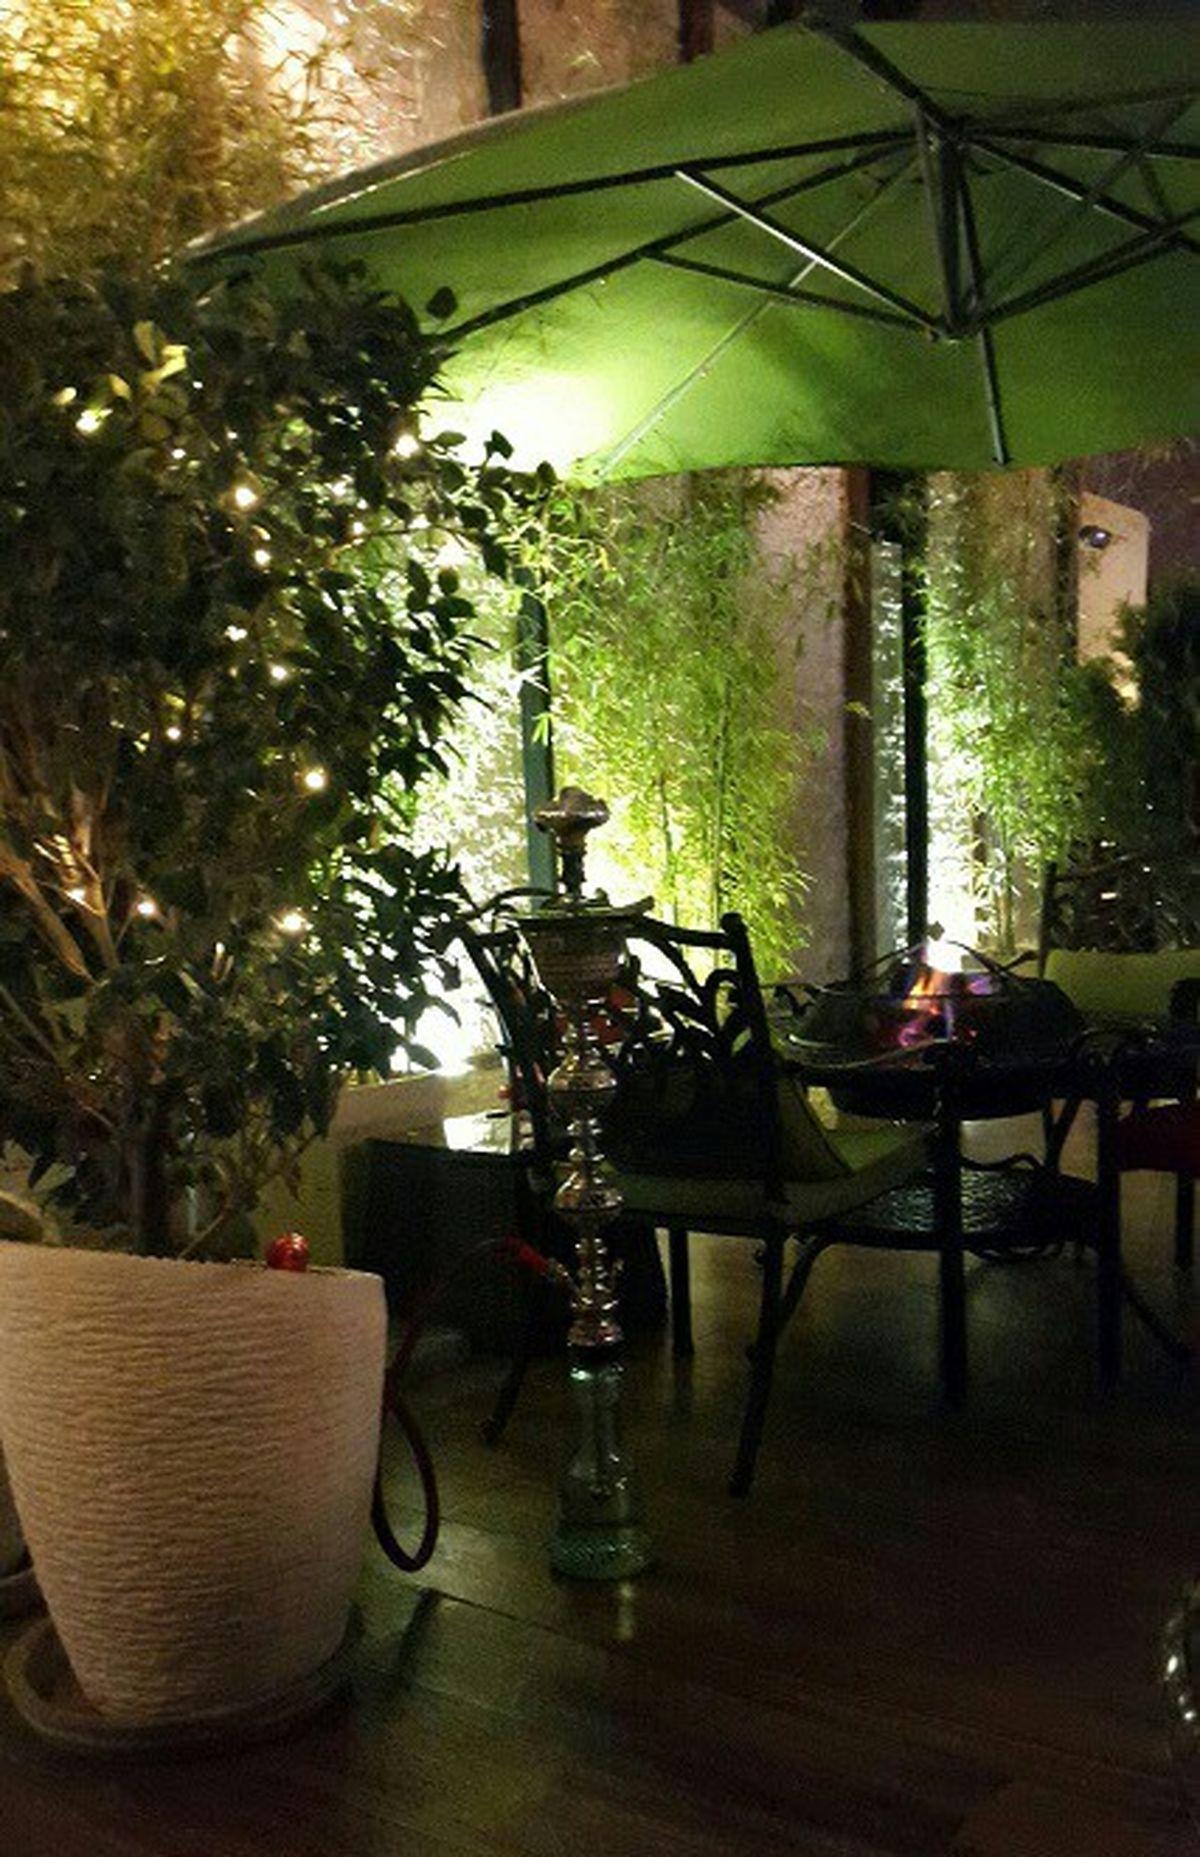 کافه های خوب تهران یکی از انتخابهای مناسب برای تمام ایام هفته است